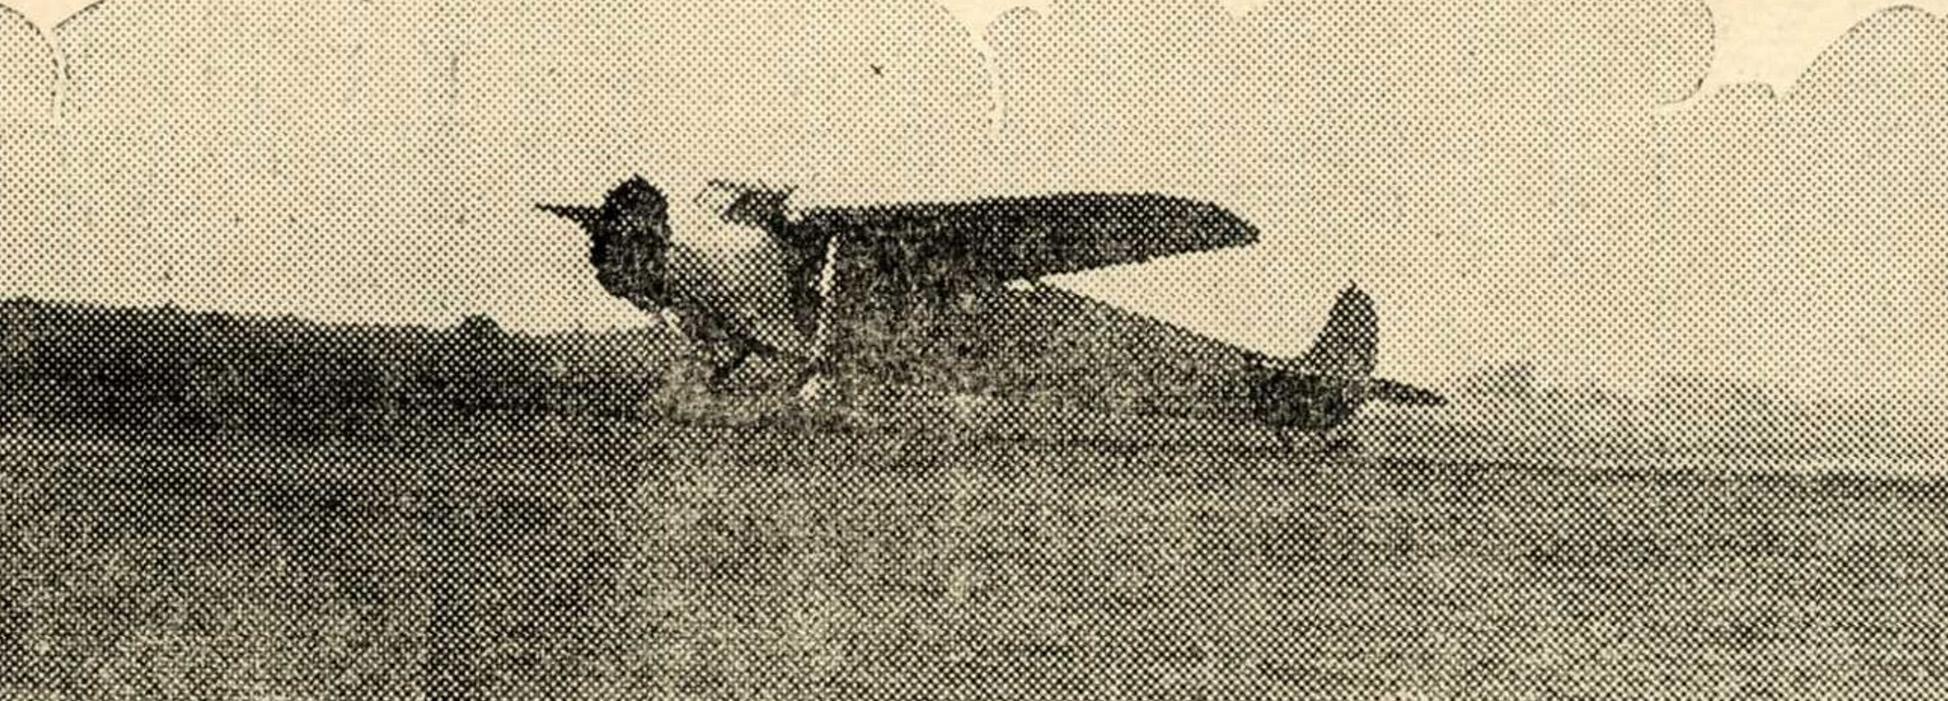 臺南飛行場與當時的飛機。圖片來源│臺灣三成協會編(昭和 12 年 [1937])《まこと》第 277 號,國立臺灣圖書館藏